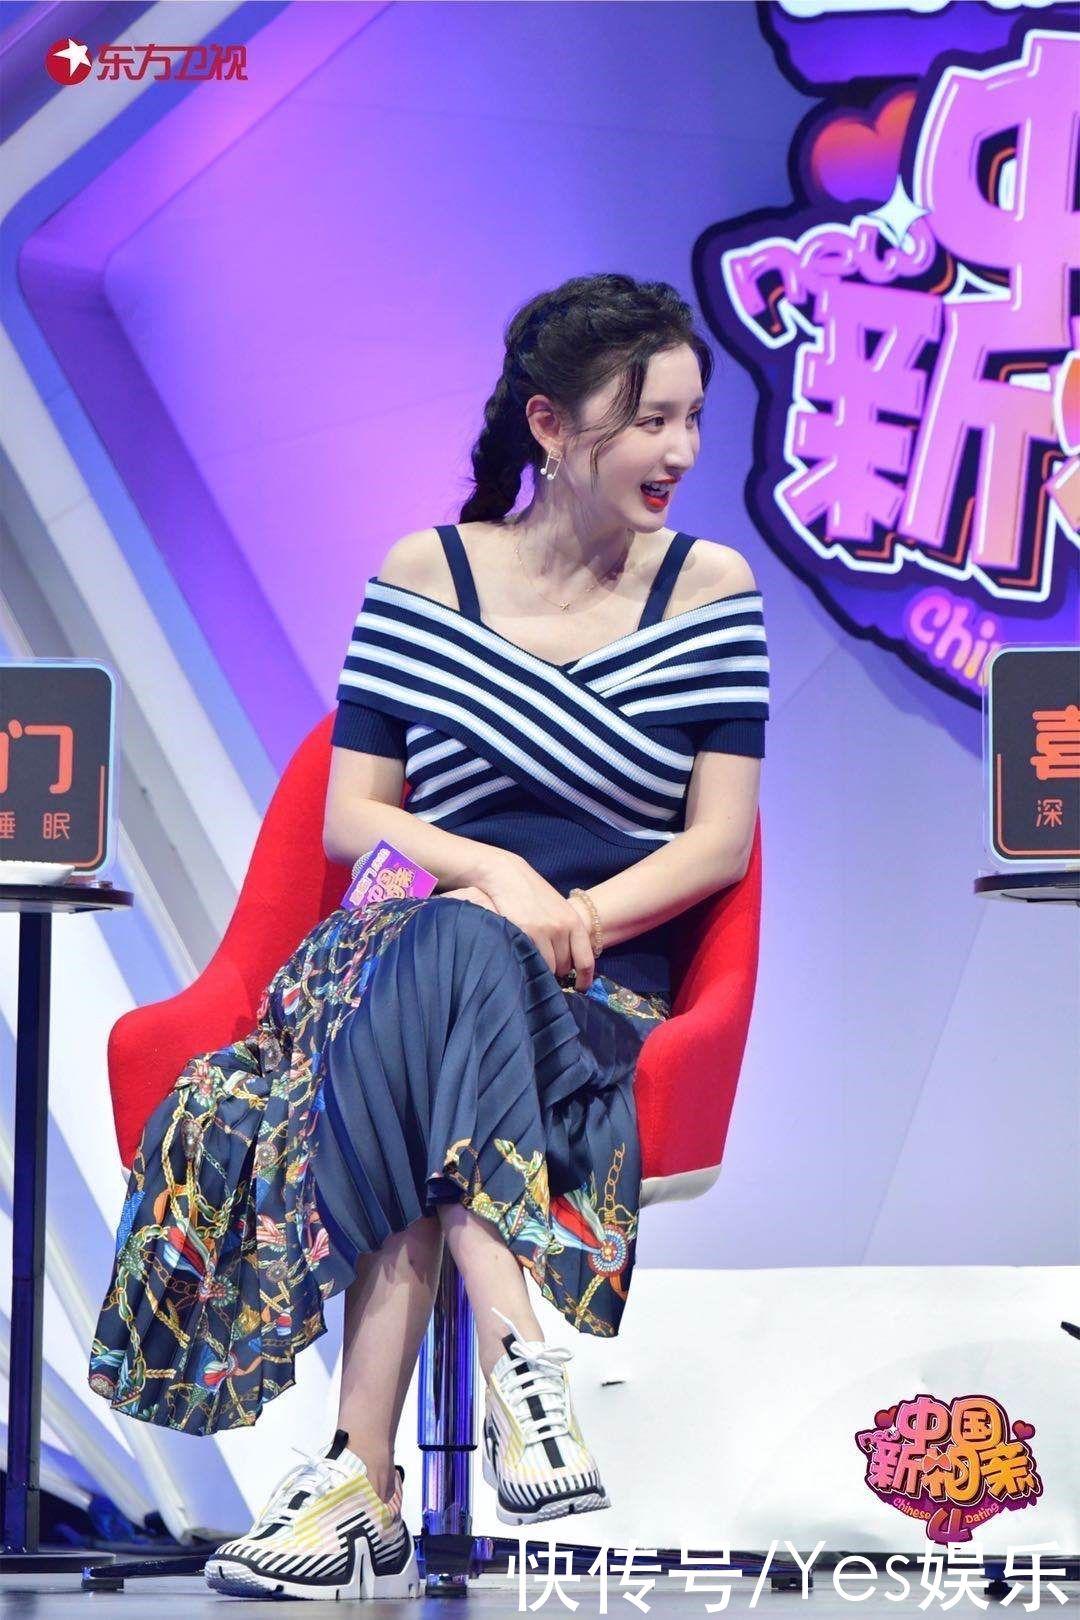 喜臨門《中國新相親》程序員女生向往浪漫愛情,用程序設計測試題考驗男嘉賓